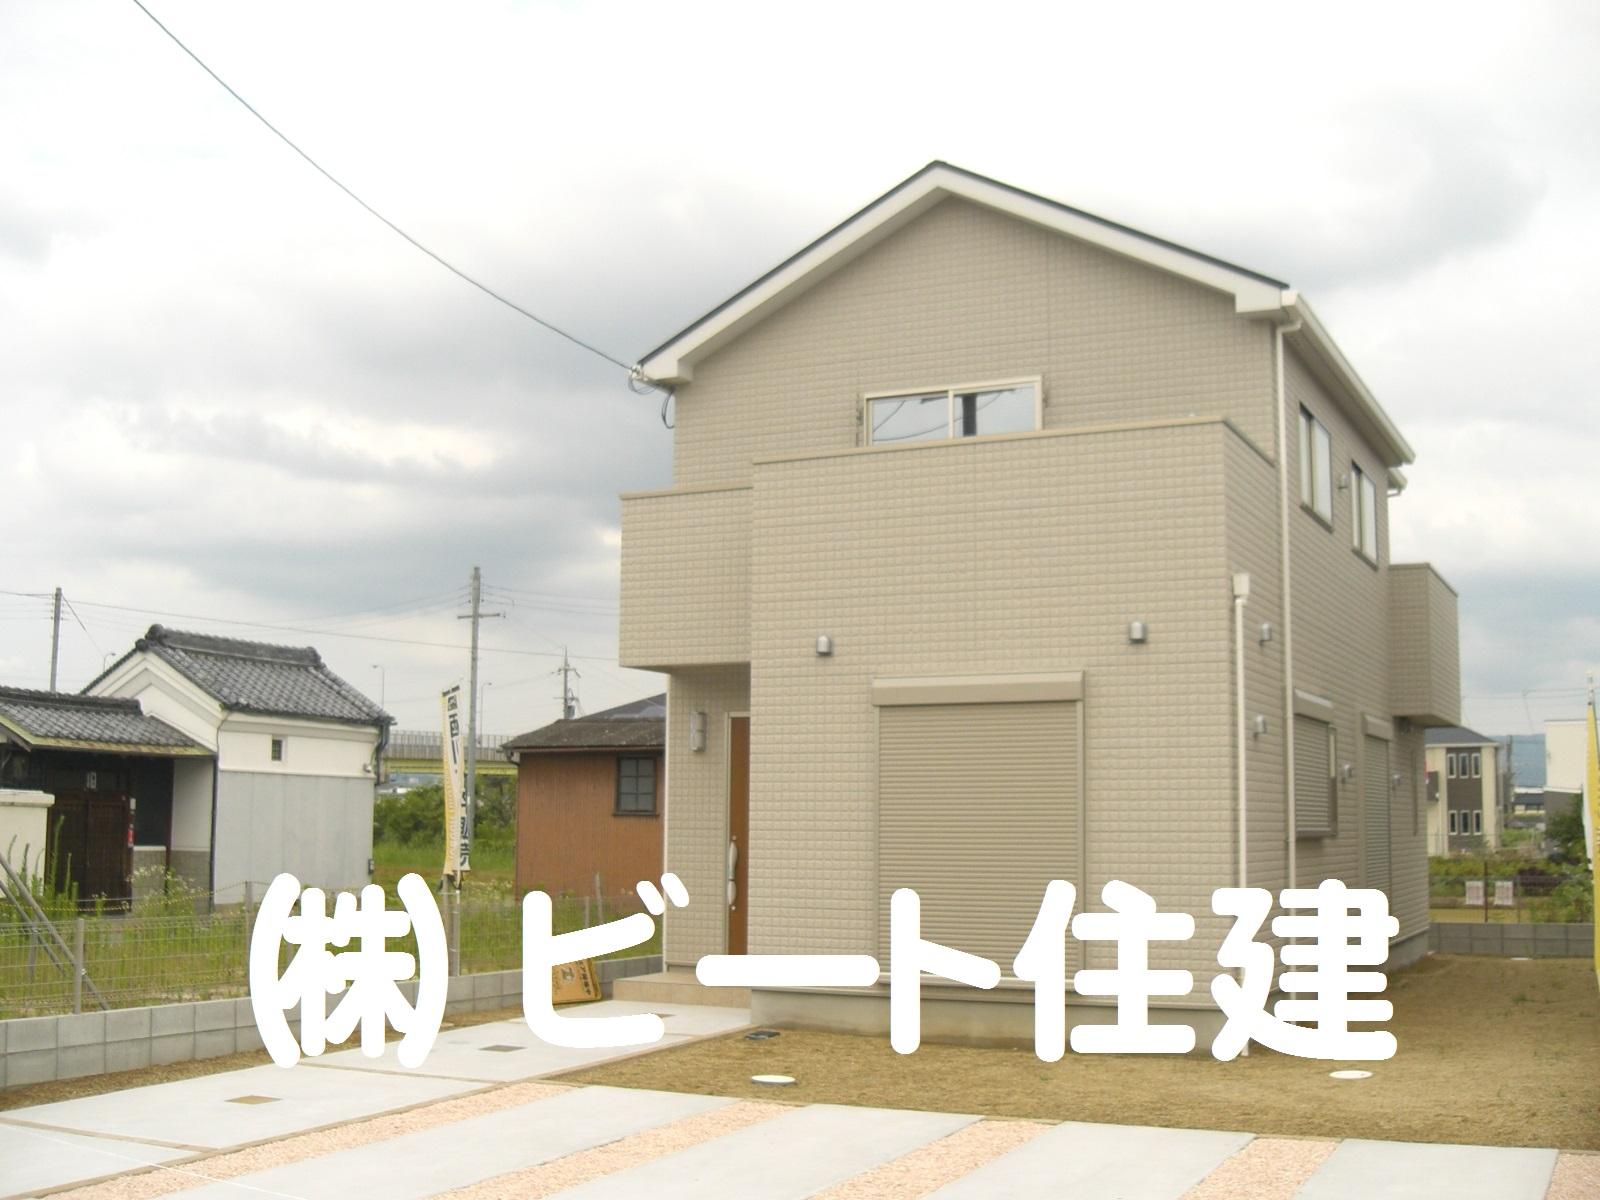 野垣内町 新築 1号棟 契約済み!